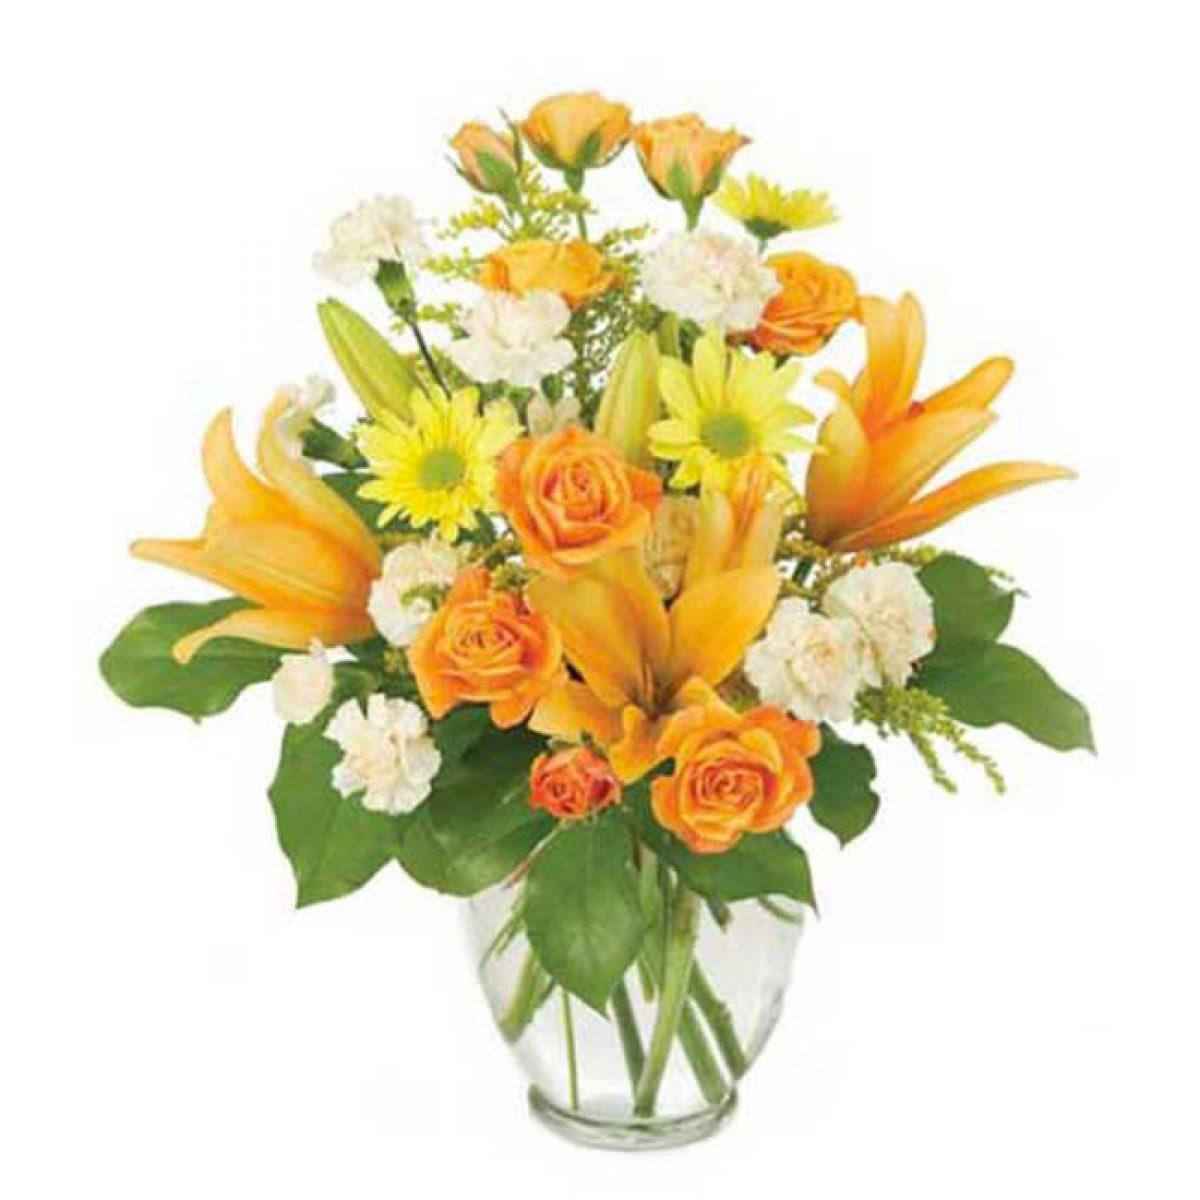 arrangement floral - FCE-212